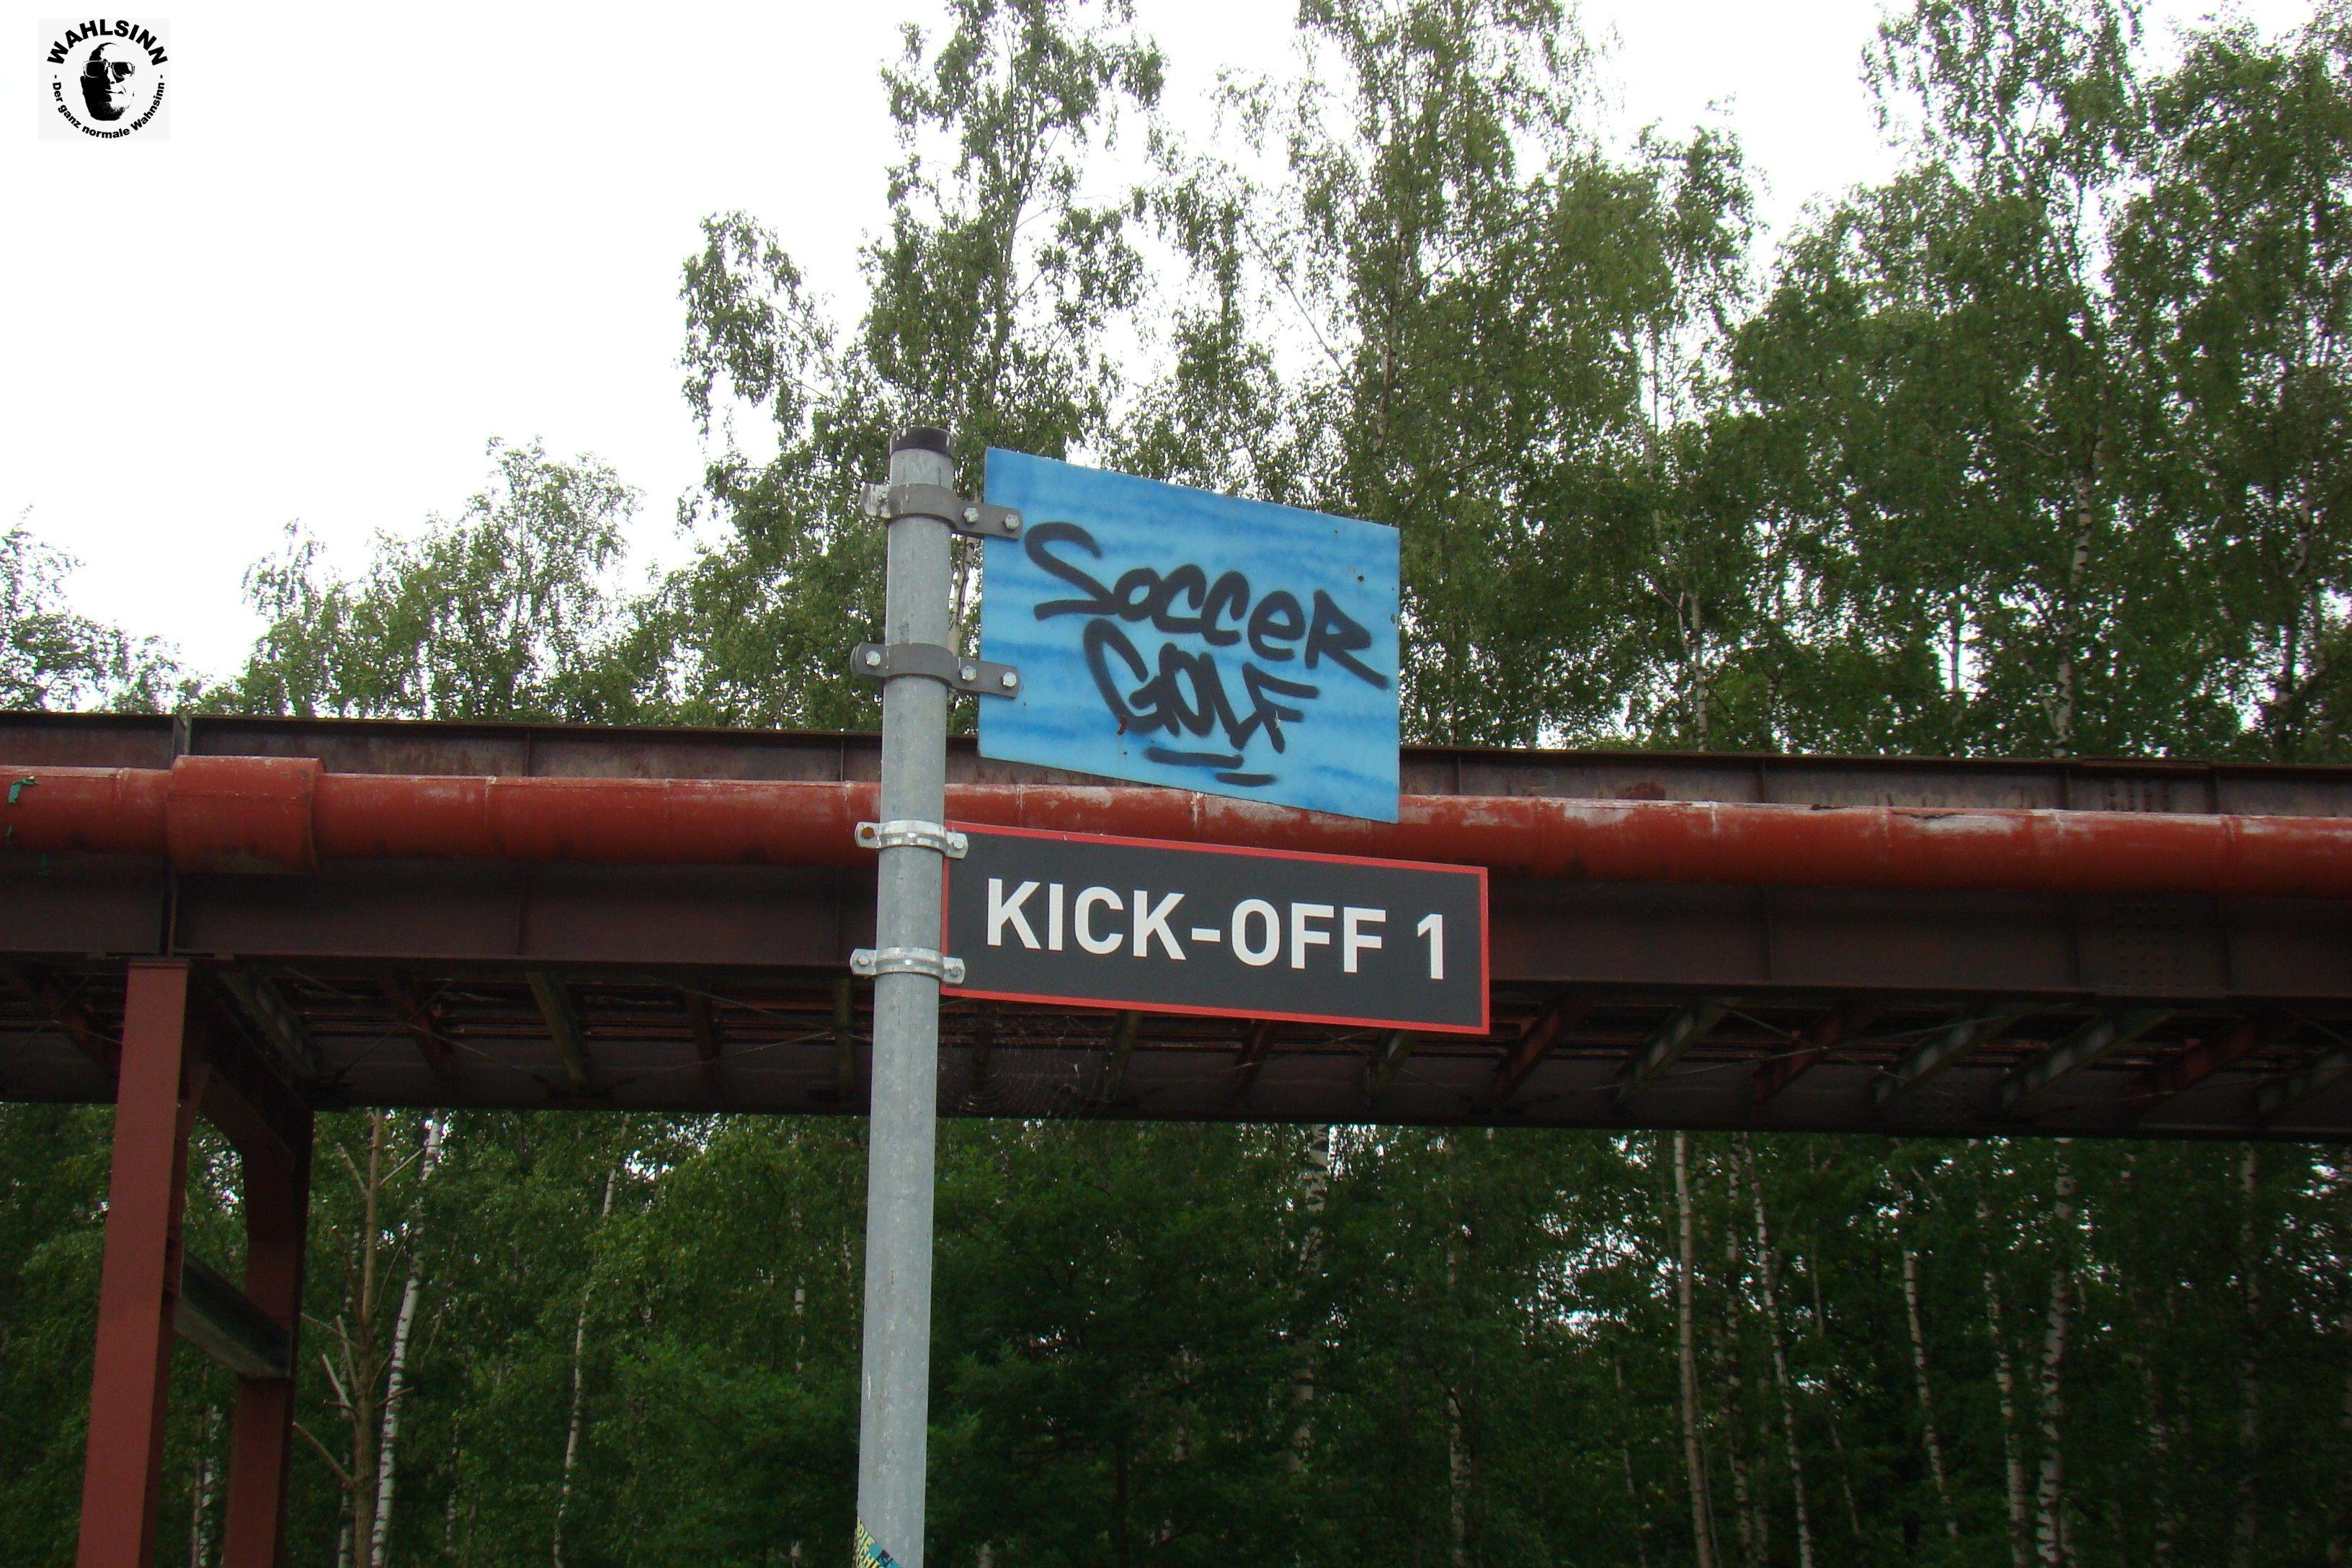 Fußballgolf - Der erste Kick-off - wie weit kommste?